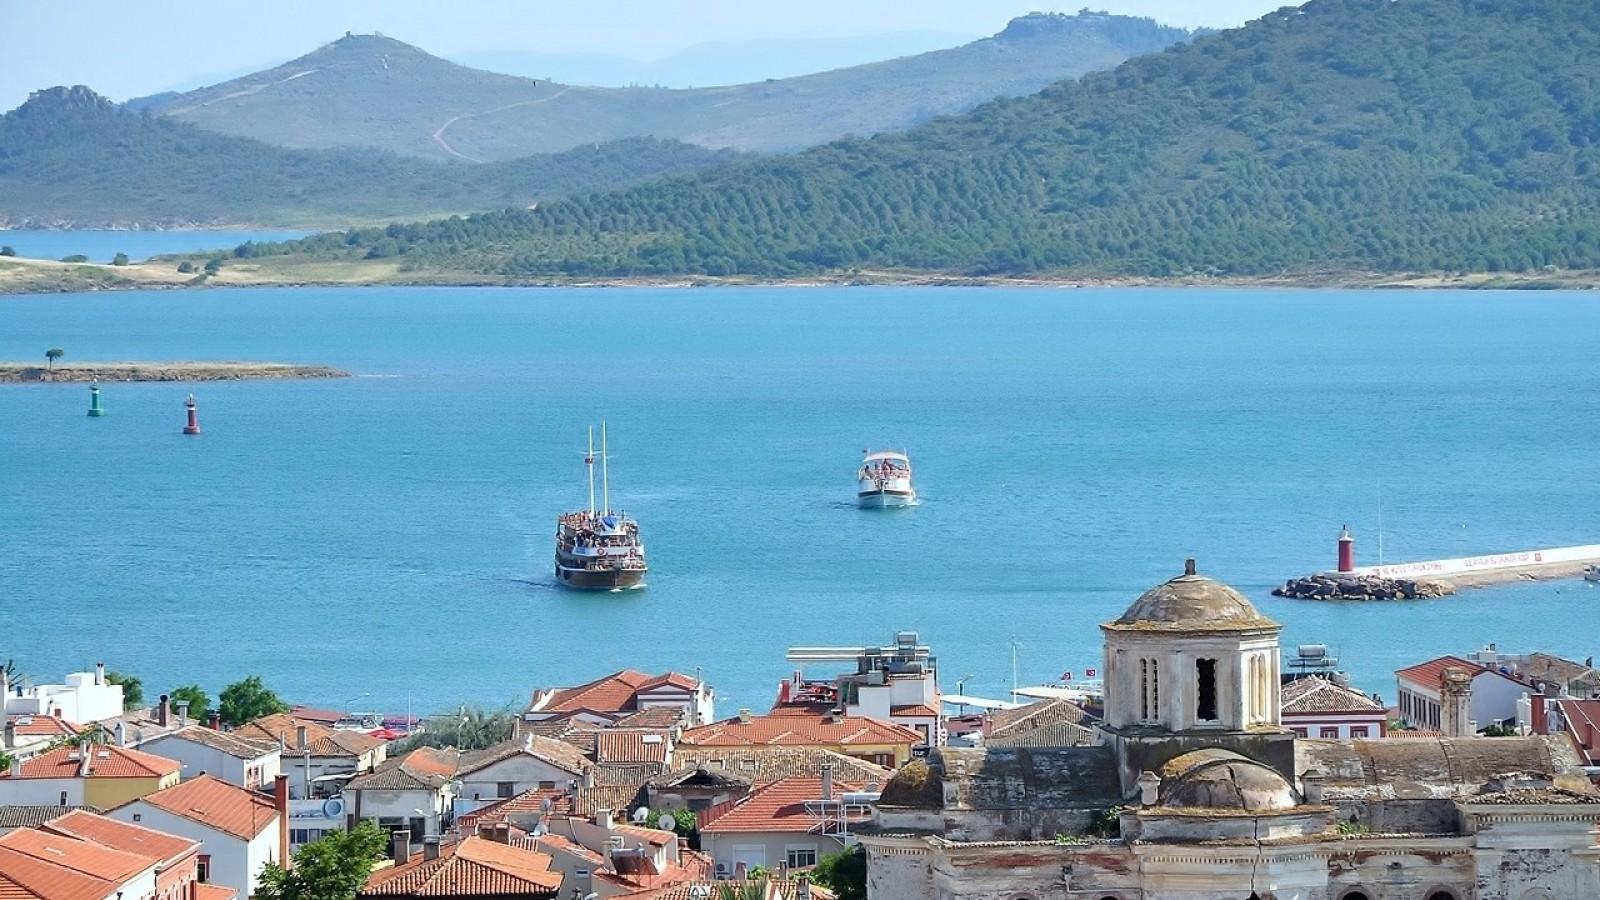 TURSKA SARIMSAKLI PLAŽE LETO CENE HOTELI